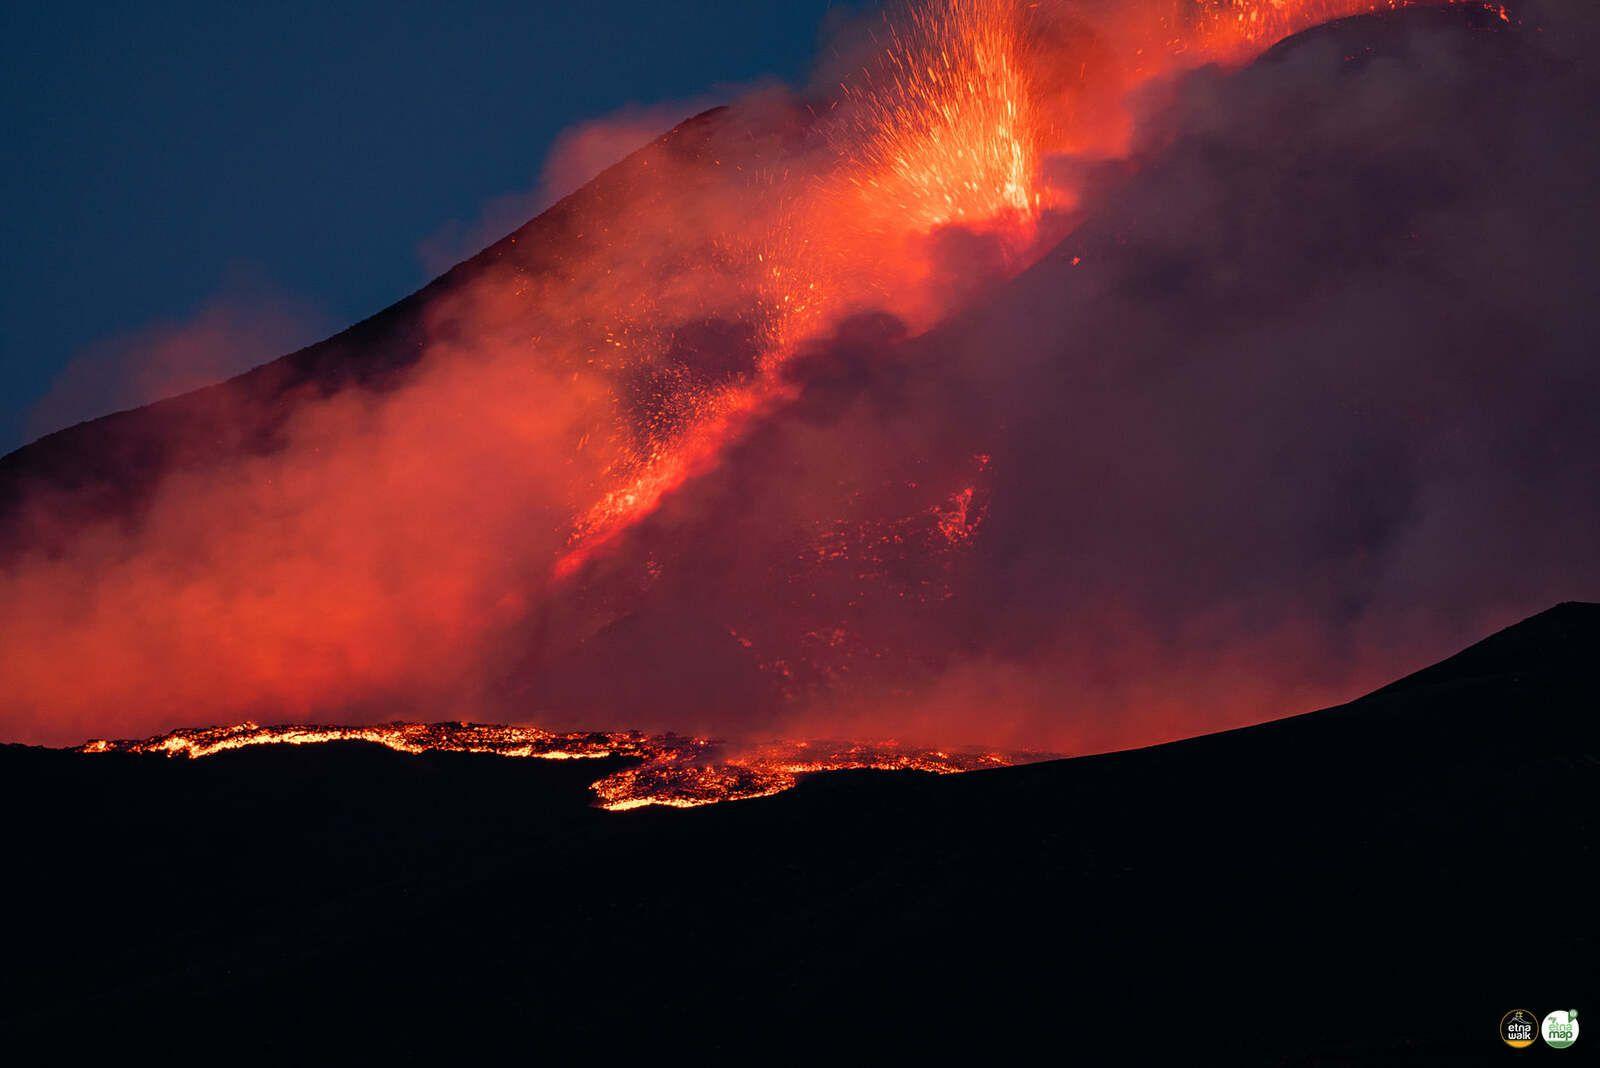 Etna SEC - paroxysm 08.29.2021 - photo EtnaWalk